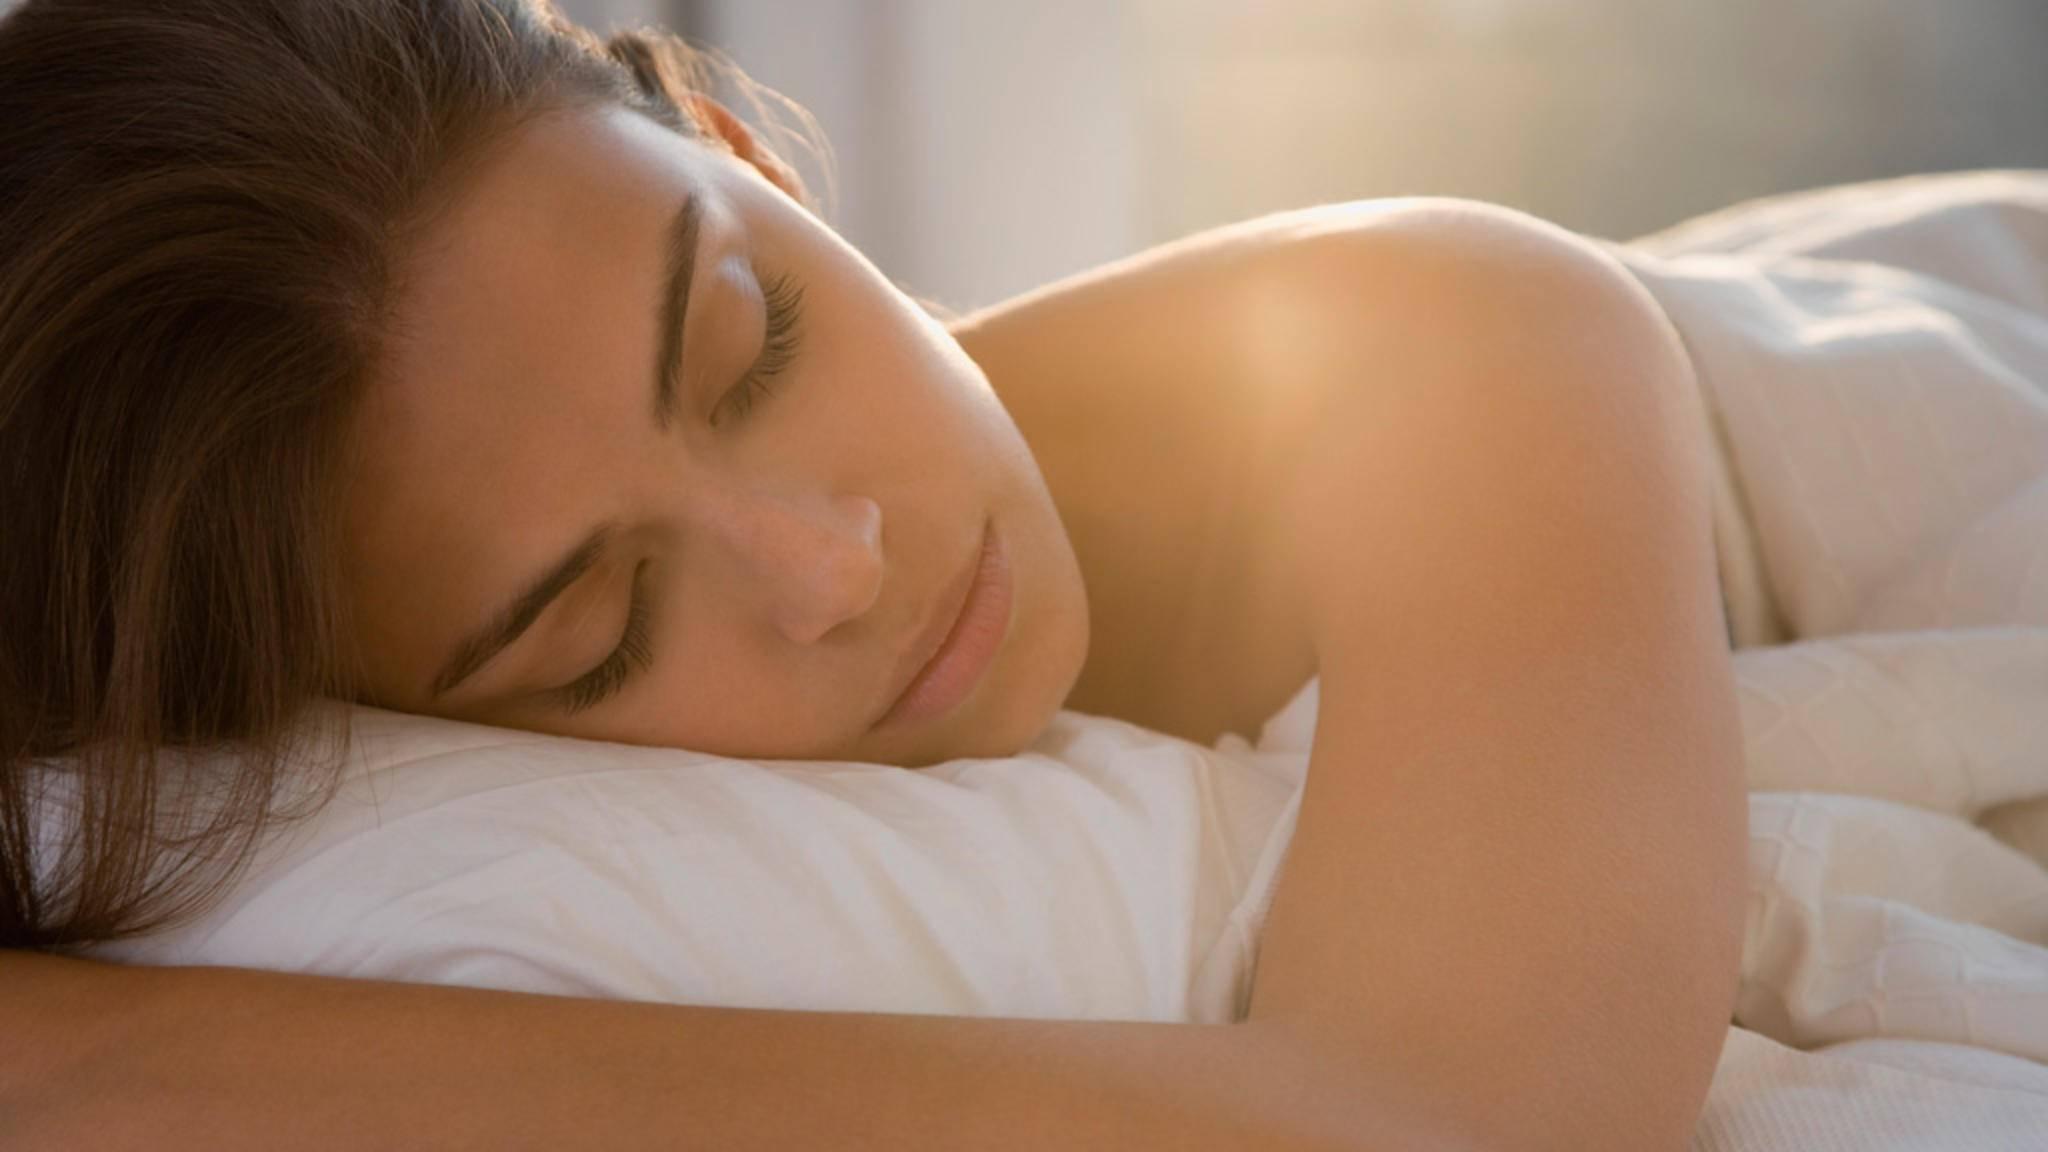 Klinisch exakte Werte liefern die Schlaftracker sicherlich nicht, doch sie können helfen, die eigenen Schlafgewohnheiten zu verbessern.